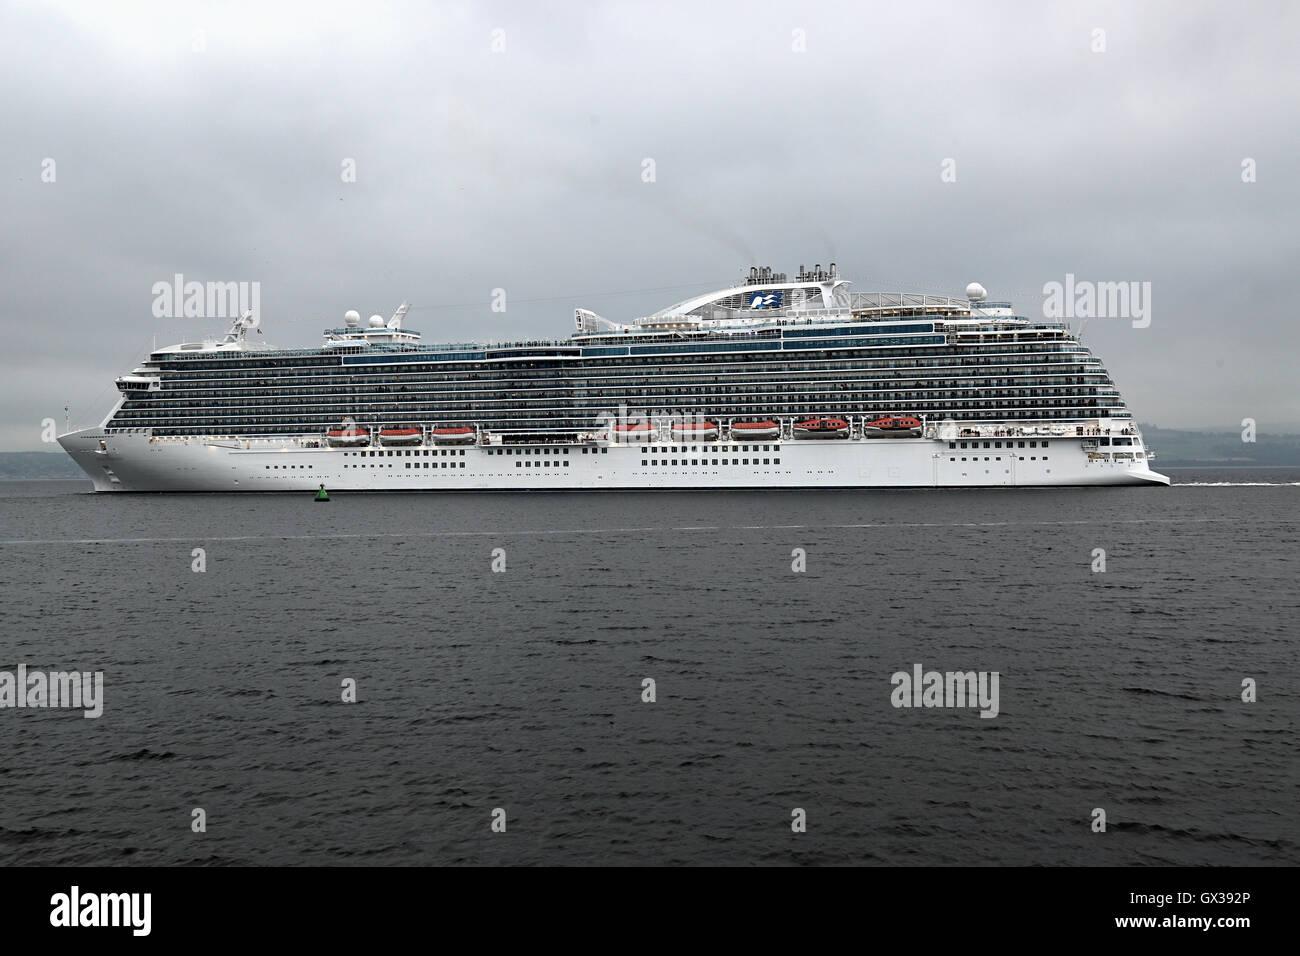 Regal Princess Cruise Ship Departs From Greenock Stock - Cruise ships at greenock